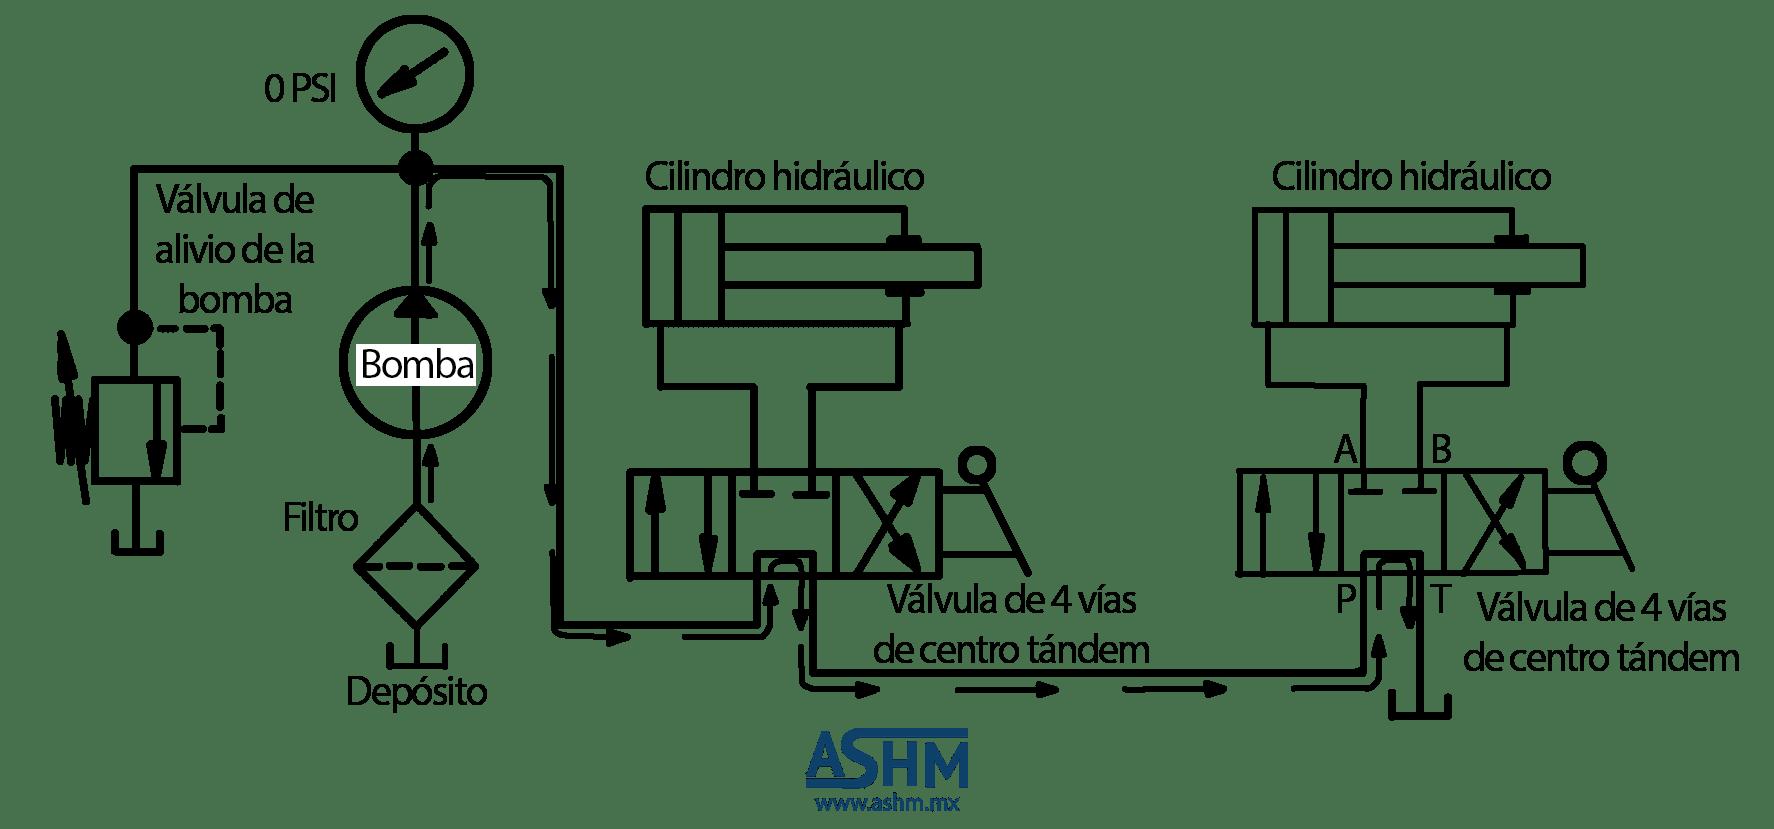 Aceros y Sistemas Hidráulicos de México S. A. de C. V